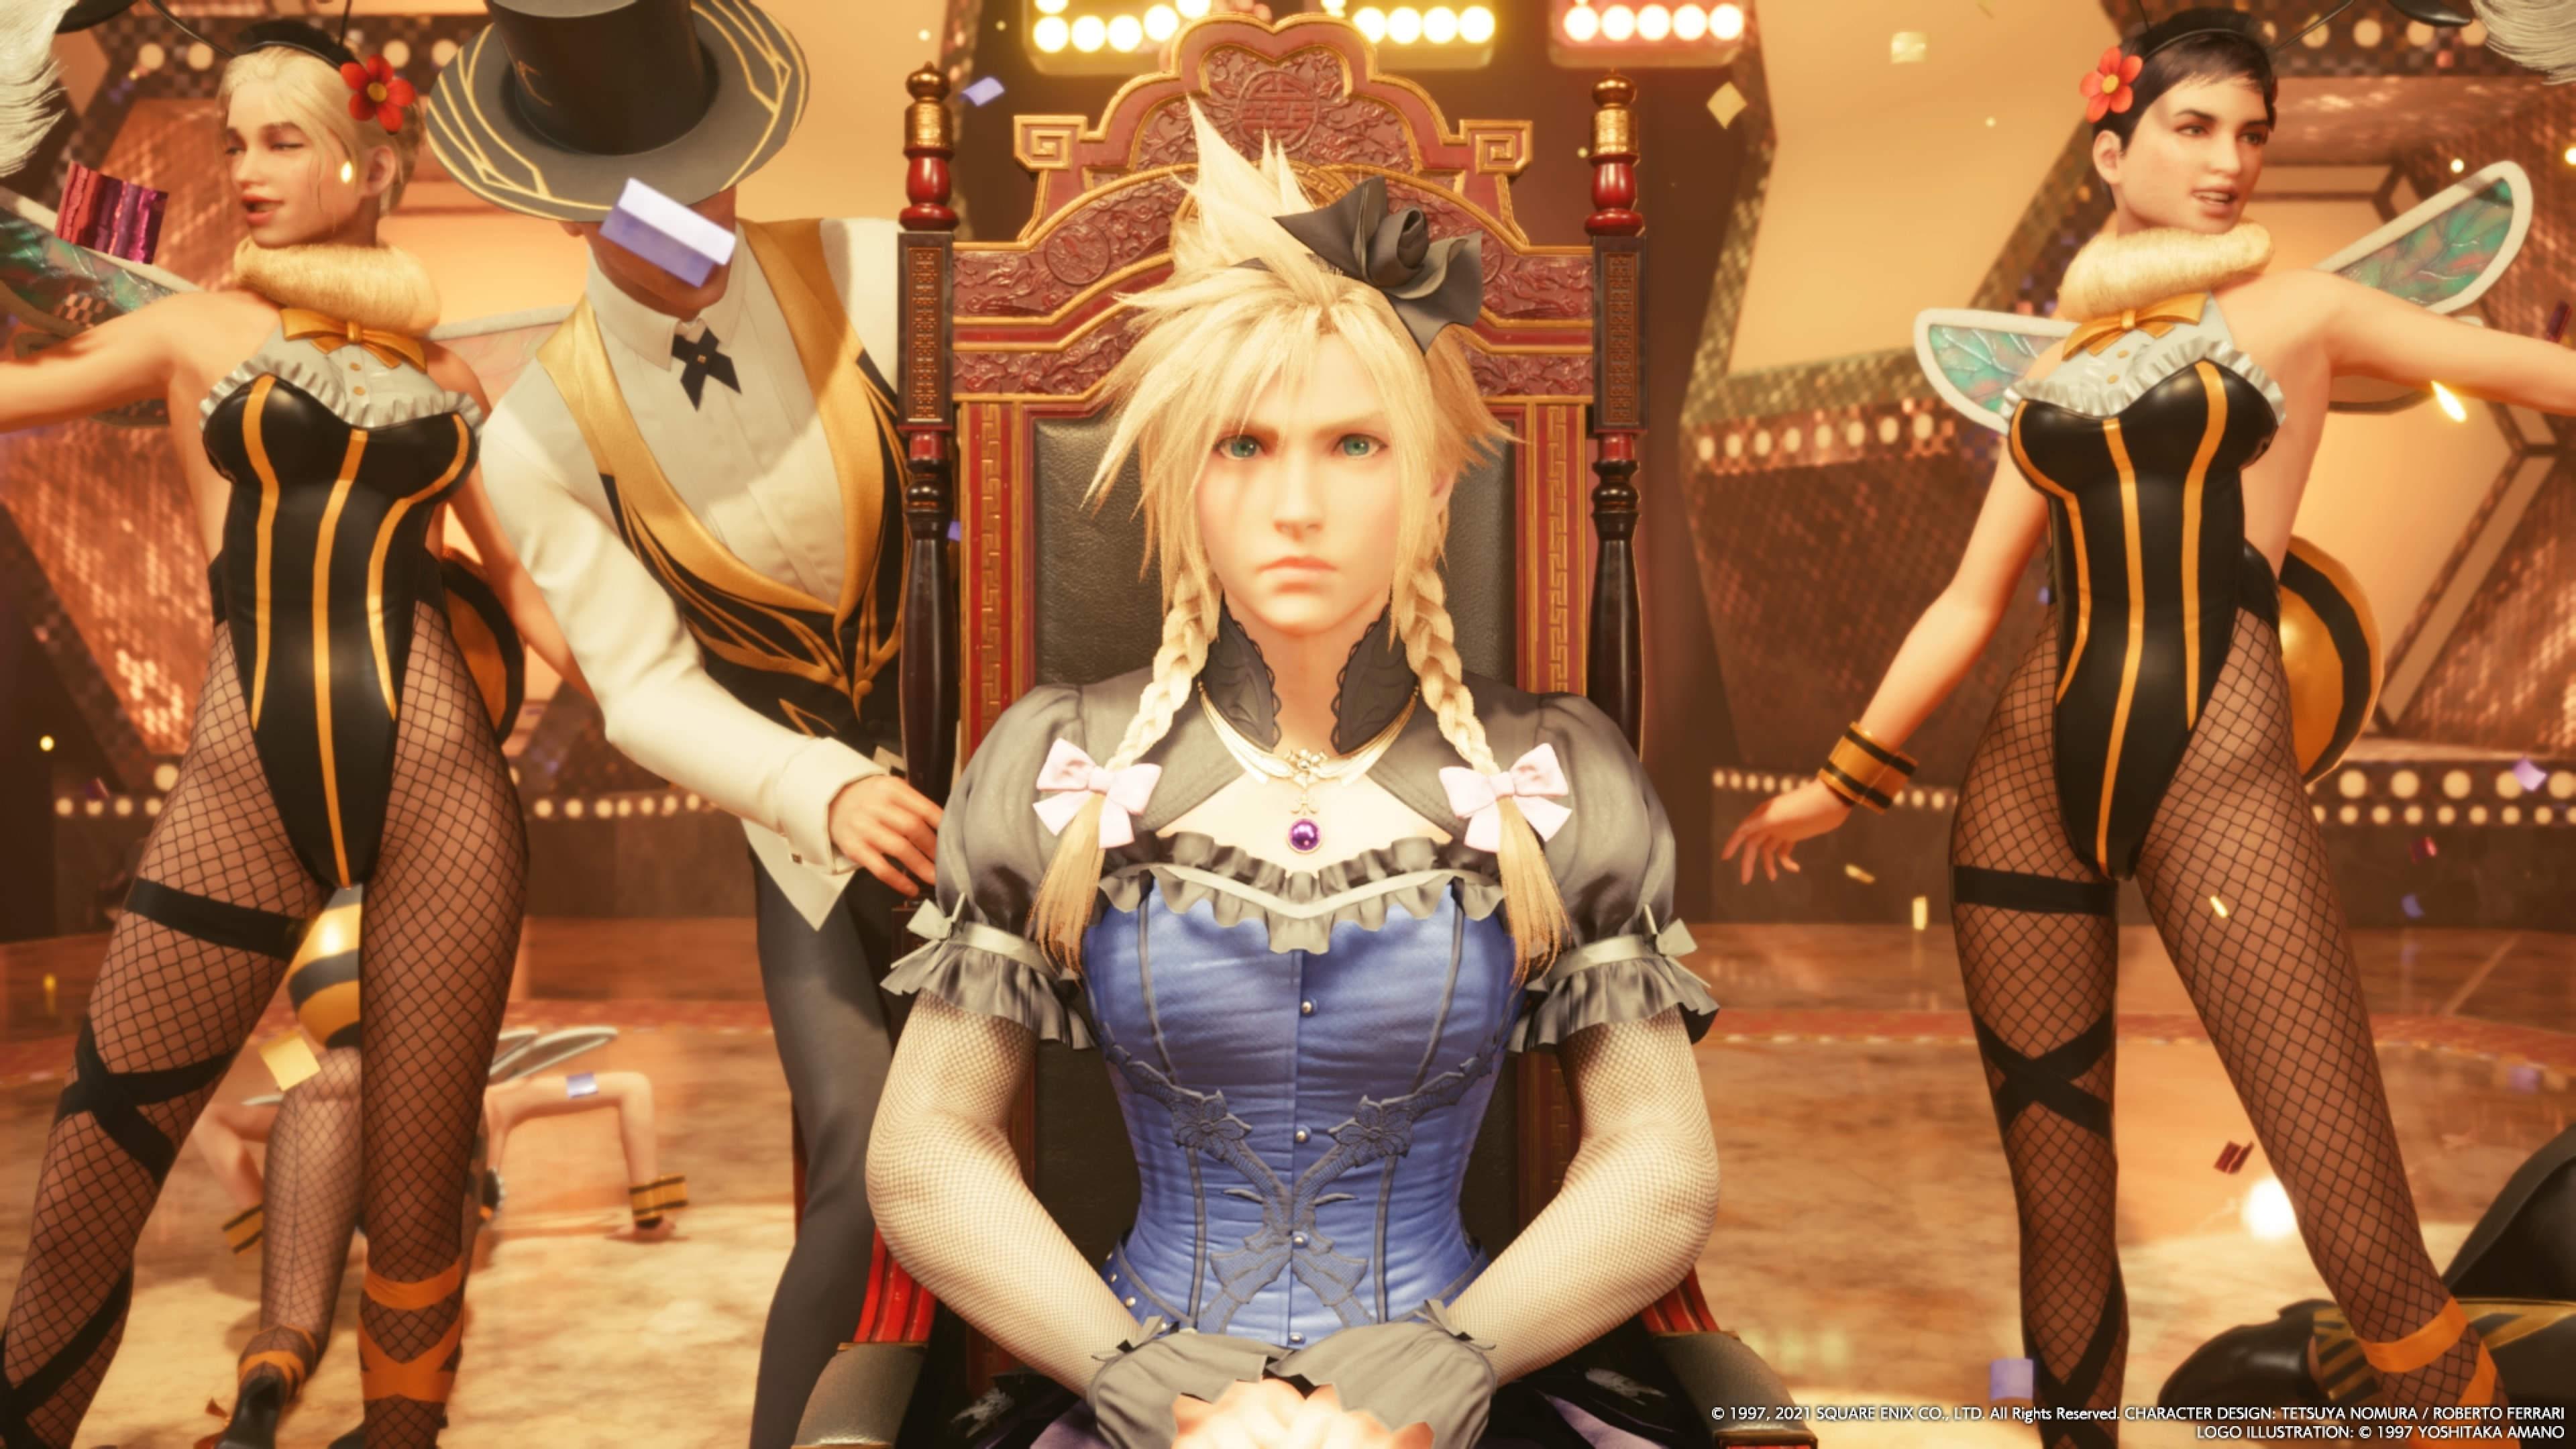 《最终幻想7重制版》监制:《最后生还者2》在LGBTQ+刻画上为行业树立标杆